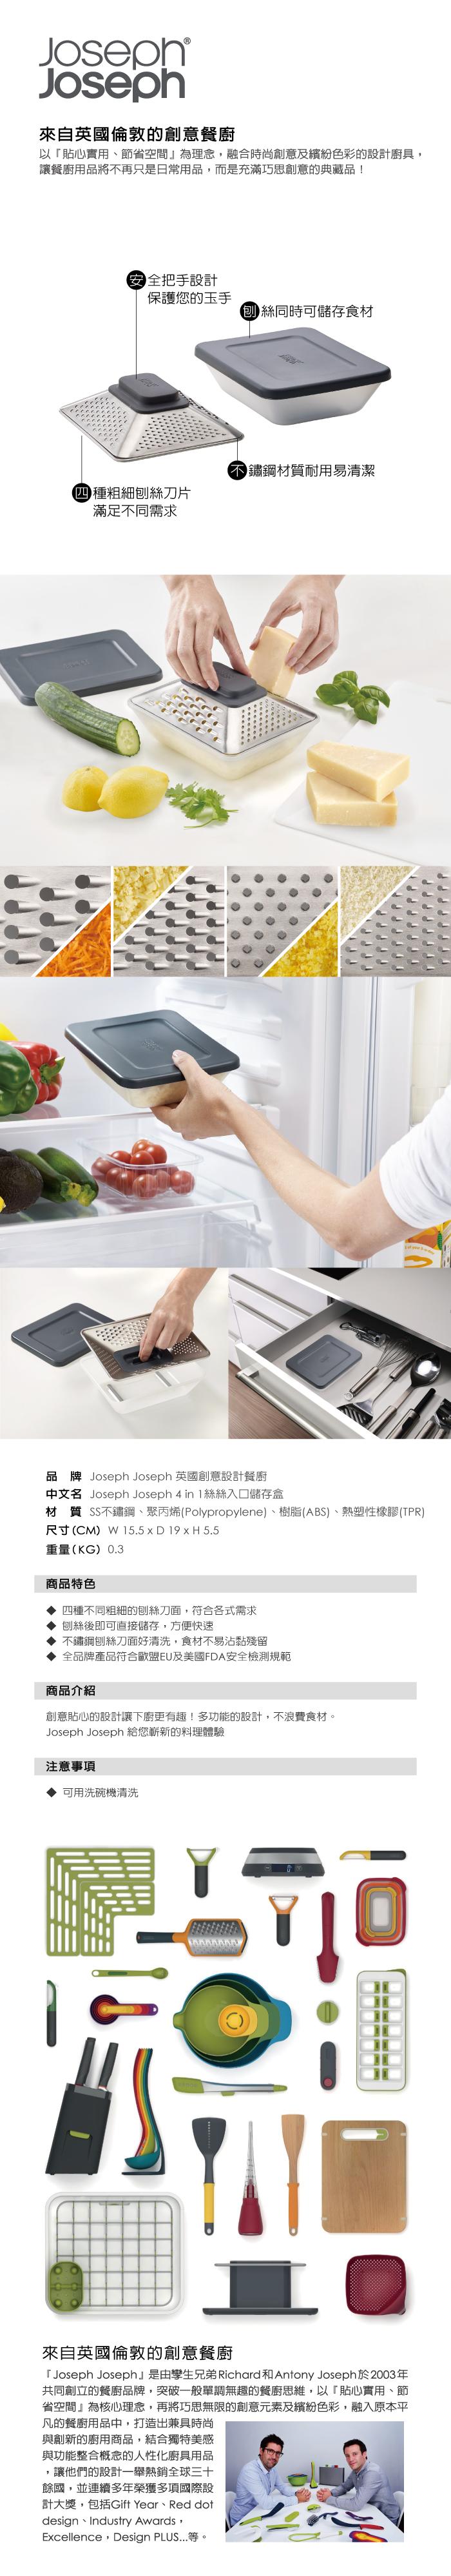 (複製)Joseph Joseph 英國創意餐廚 肉槌搗磨榨汁器